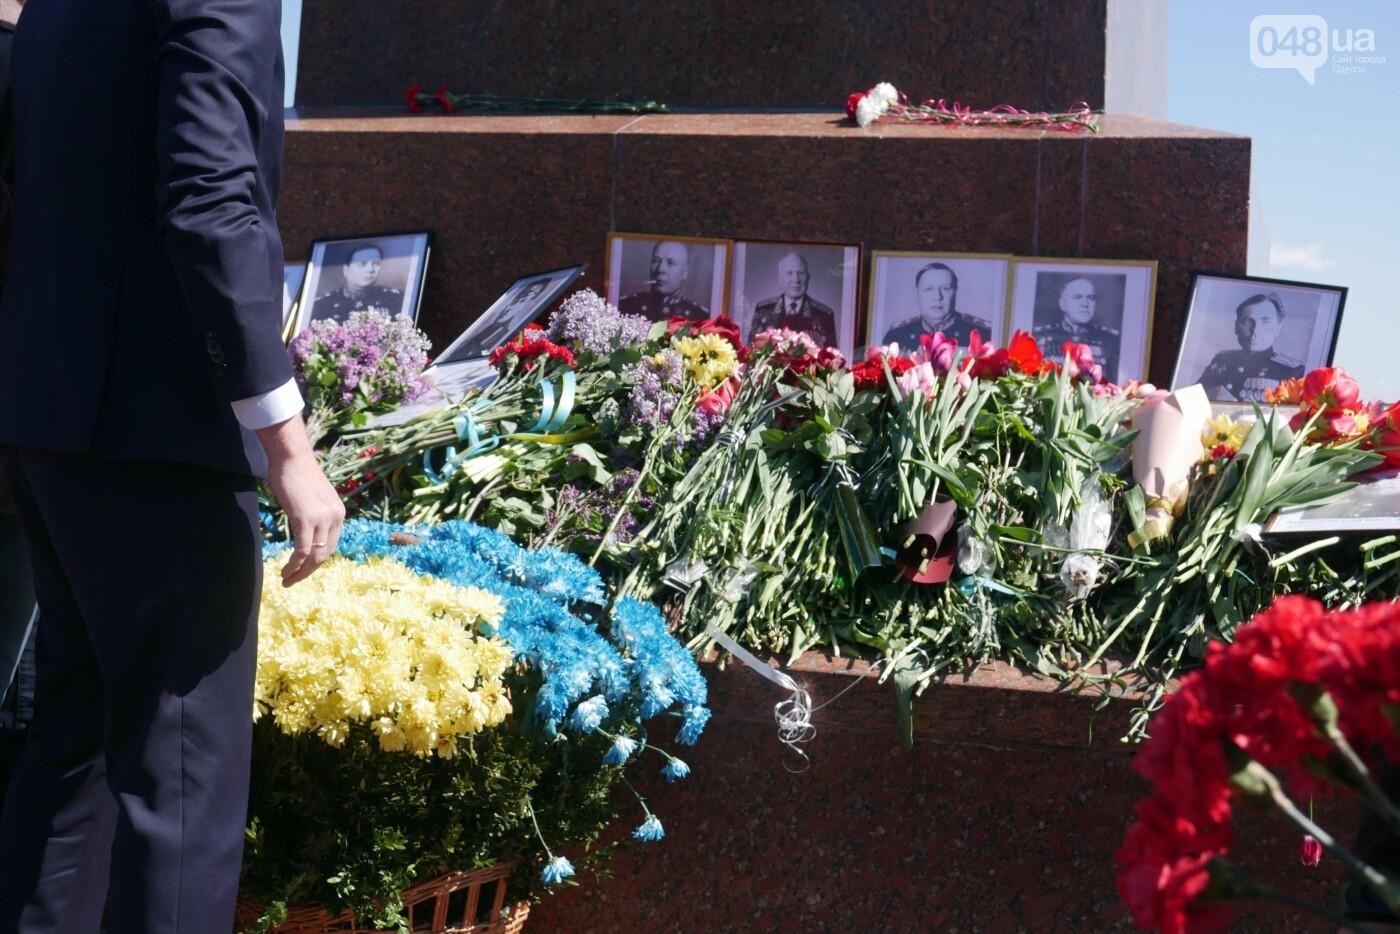 9 мая в Одессе: плевались, дрались и плакали, - ФОТО, ВИДЕО, фото-6